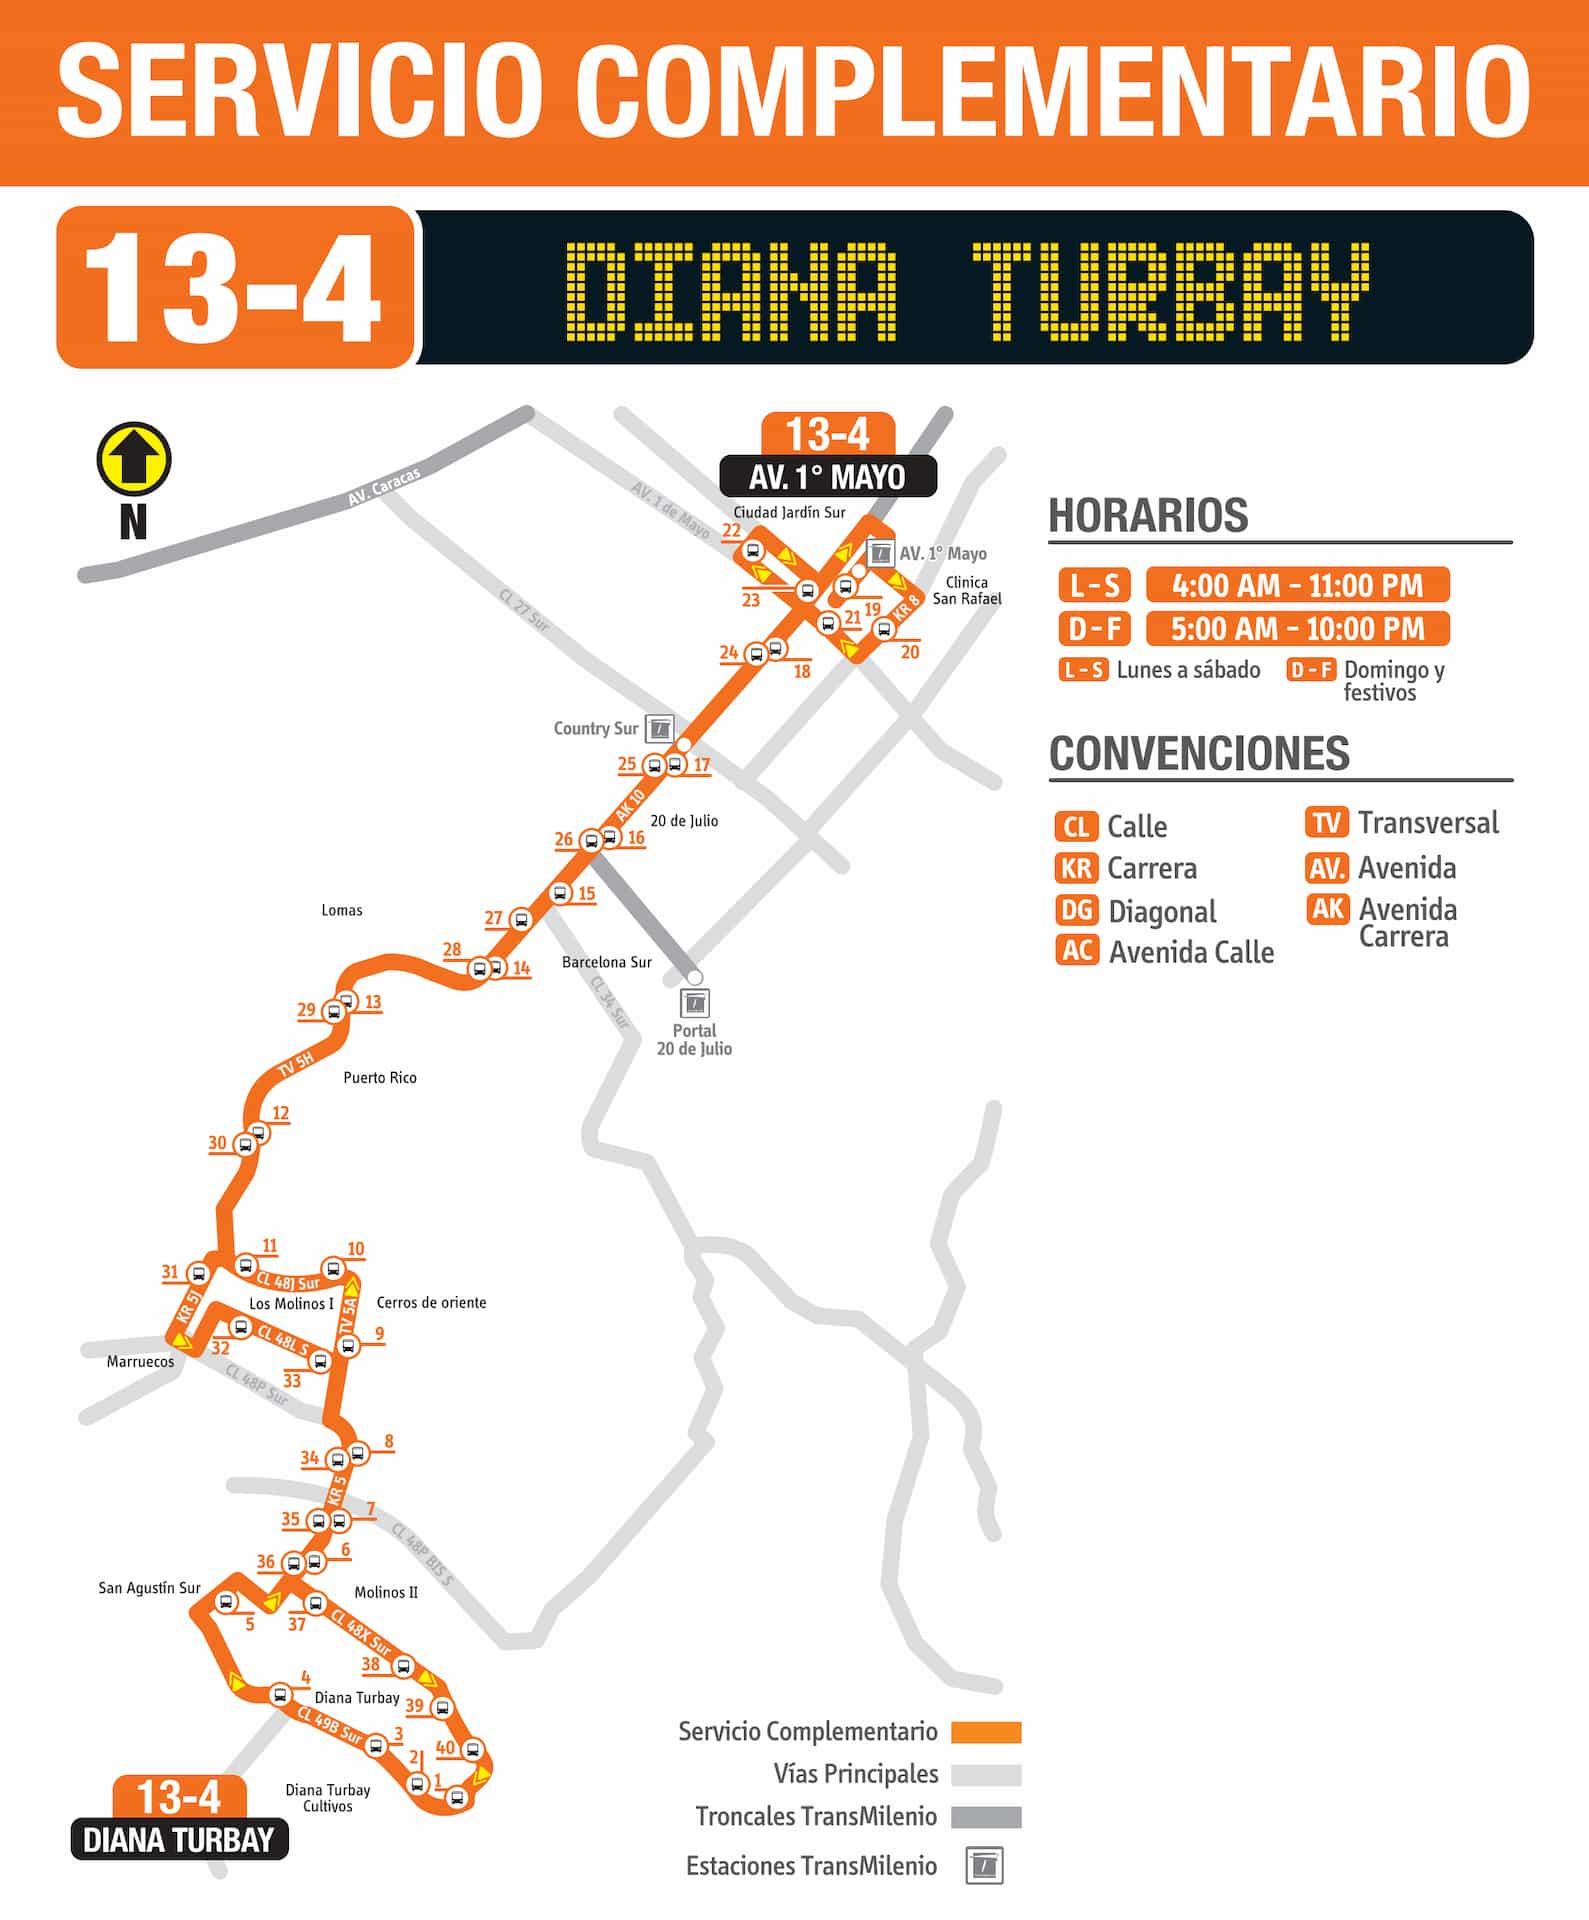 Ruta SITP 13-4 Diana Turbay - Avenida 1° de Mayo